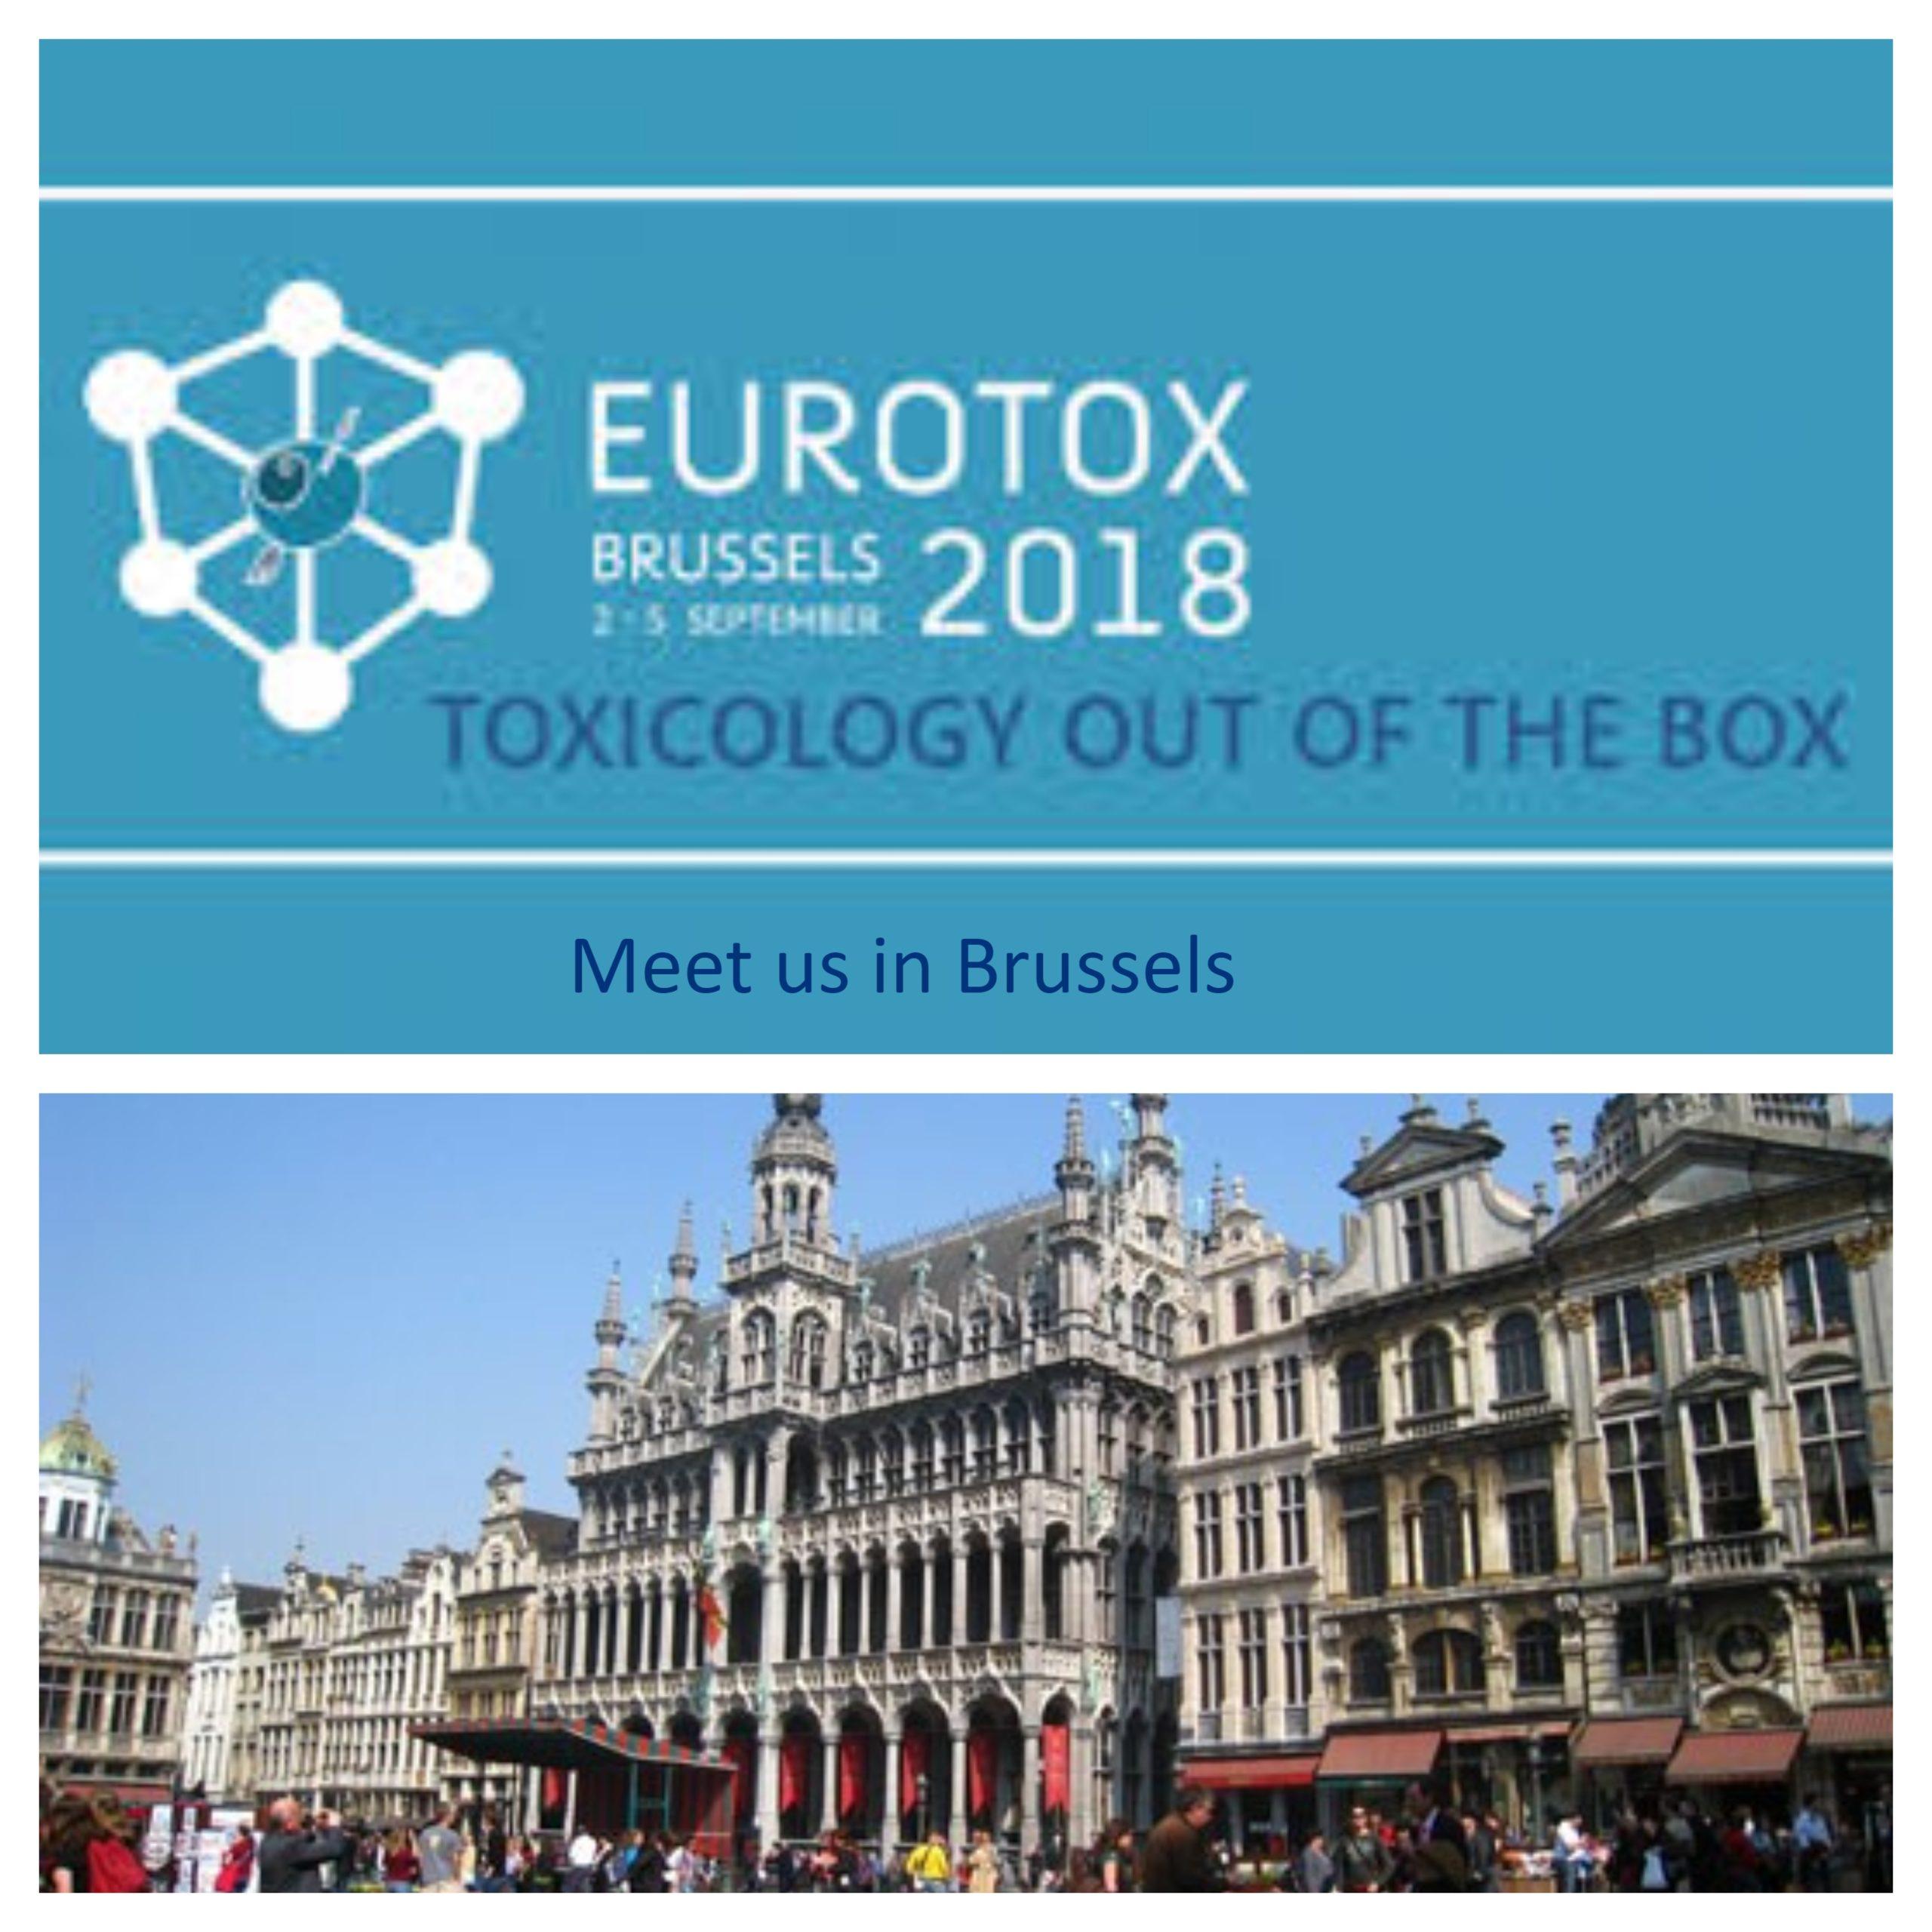 Meet BiologicsHub Team In Brussels In September